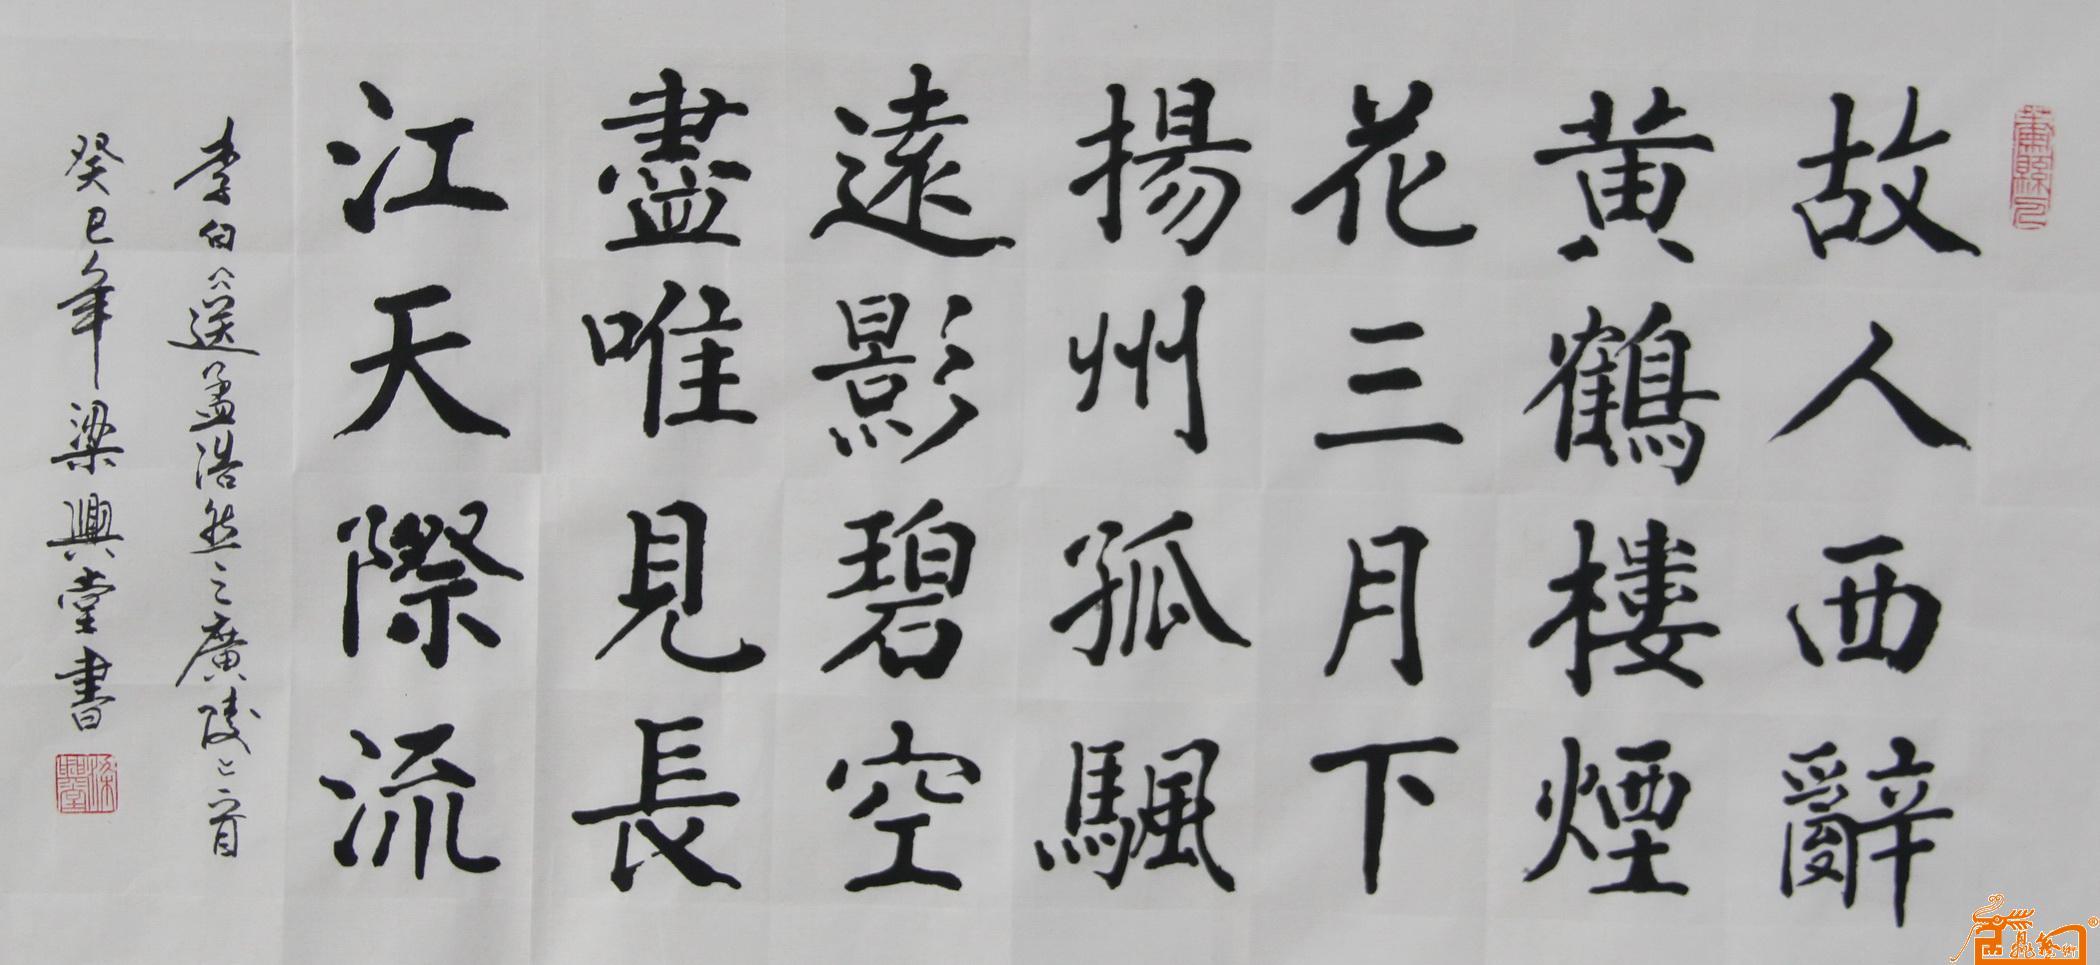 梁兴堂-唐诗-淘宝-名人字画-中国书画交易中心图片